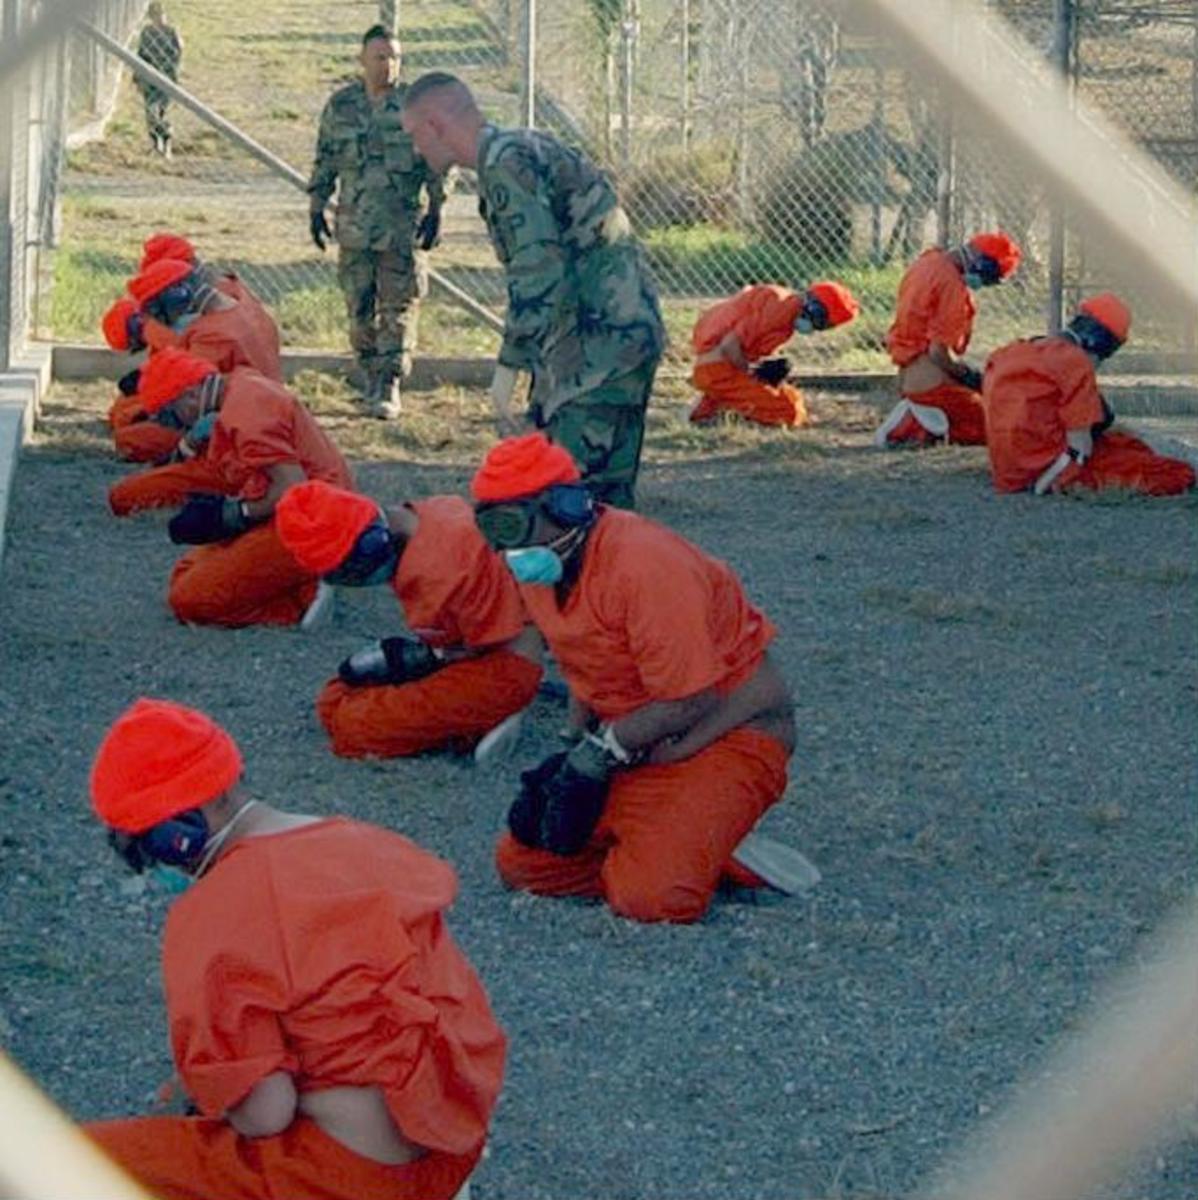 Gitmo detainees in 2002.